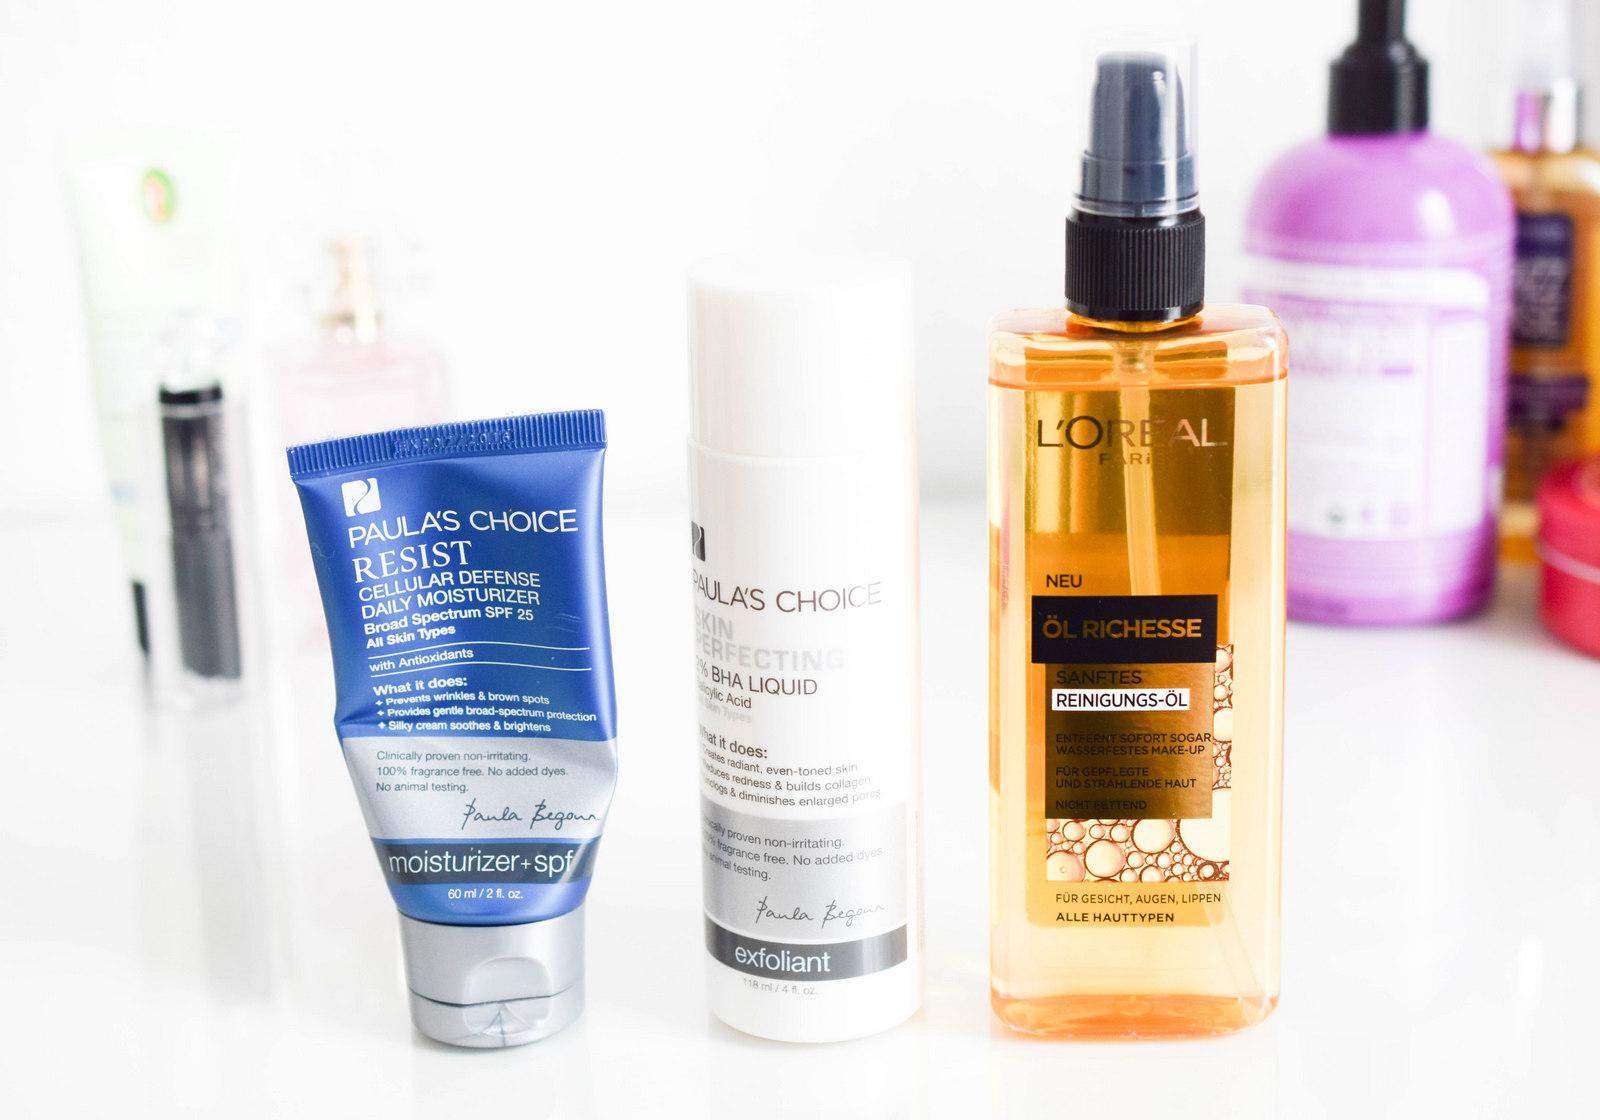 Kosmetik Favoriten und Lieblingsprodukte vom Februar mit L'Oreal Öl Richesse und Paula's Choice BHA 2% Liquid und Resist Cellular Defense Daily Moisturizer SPF 25